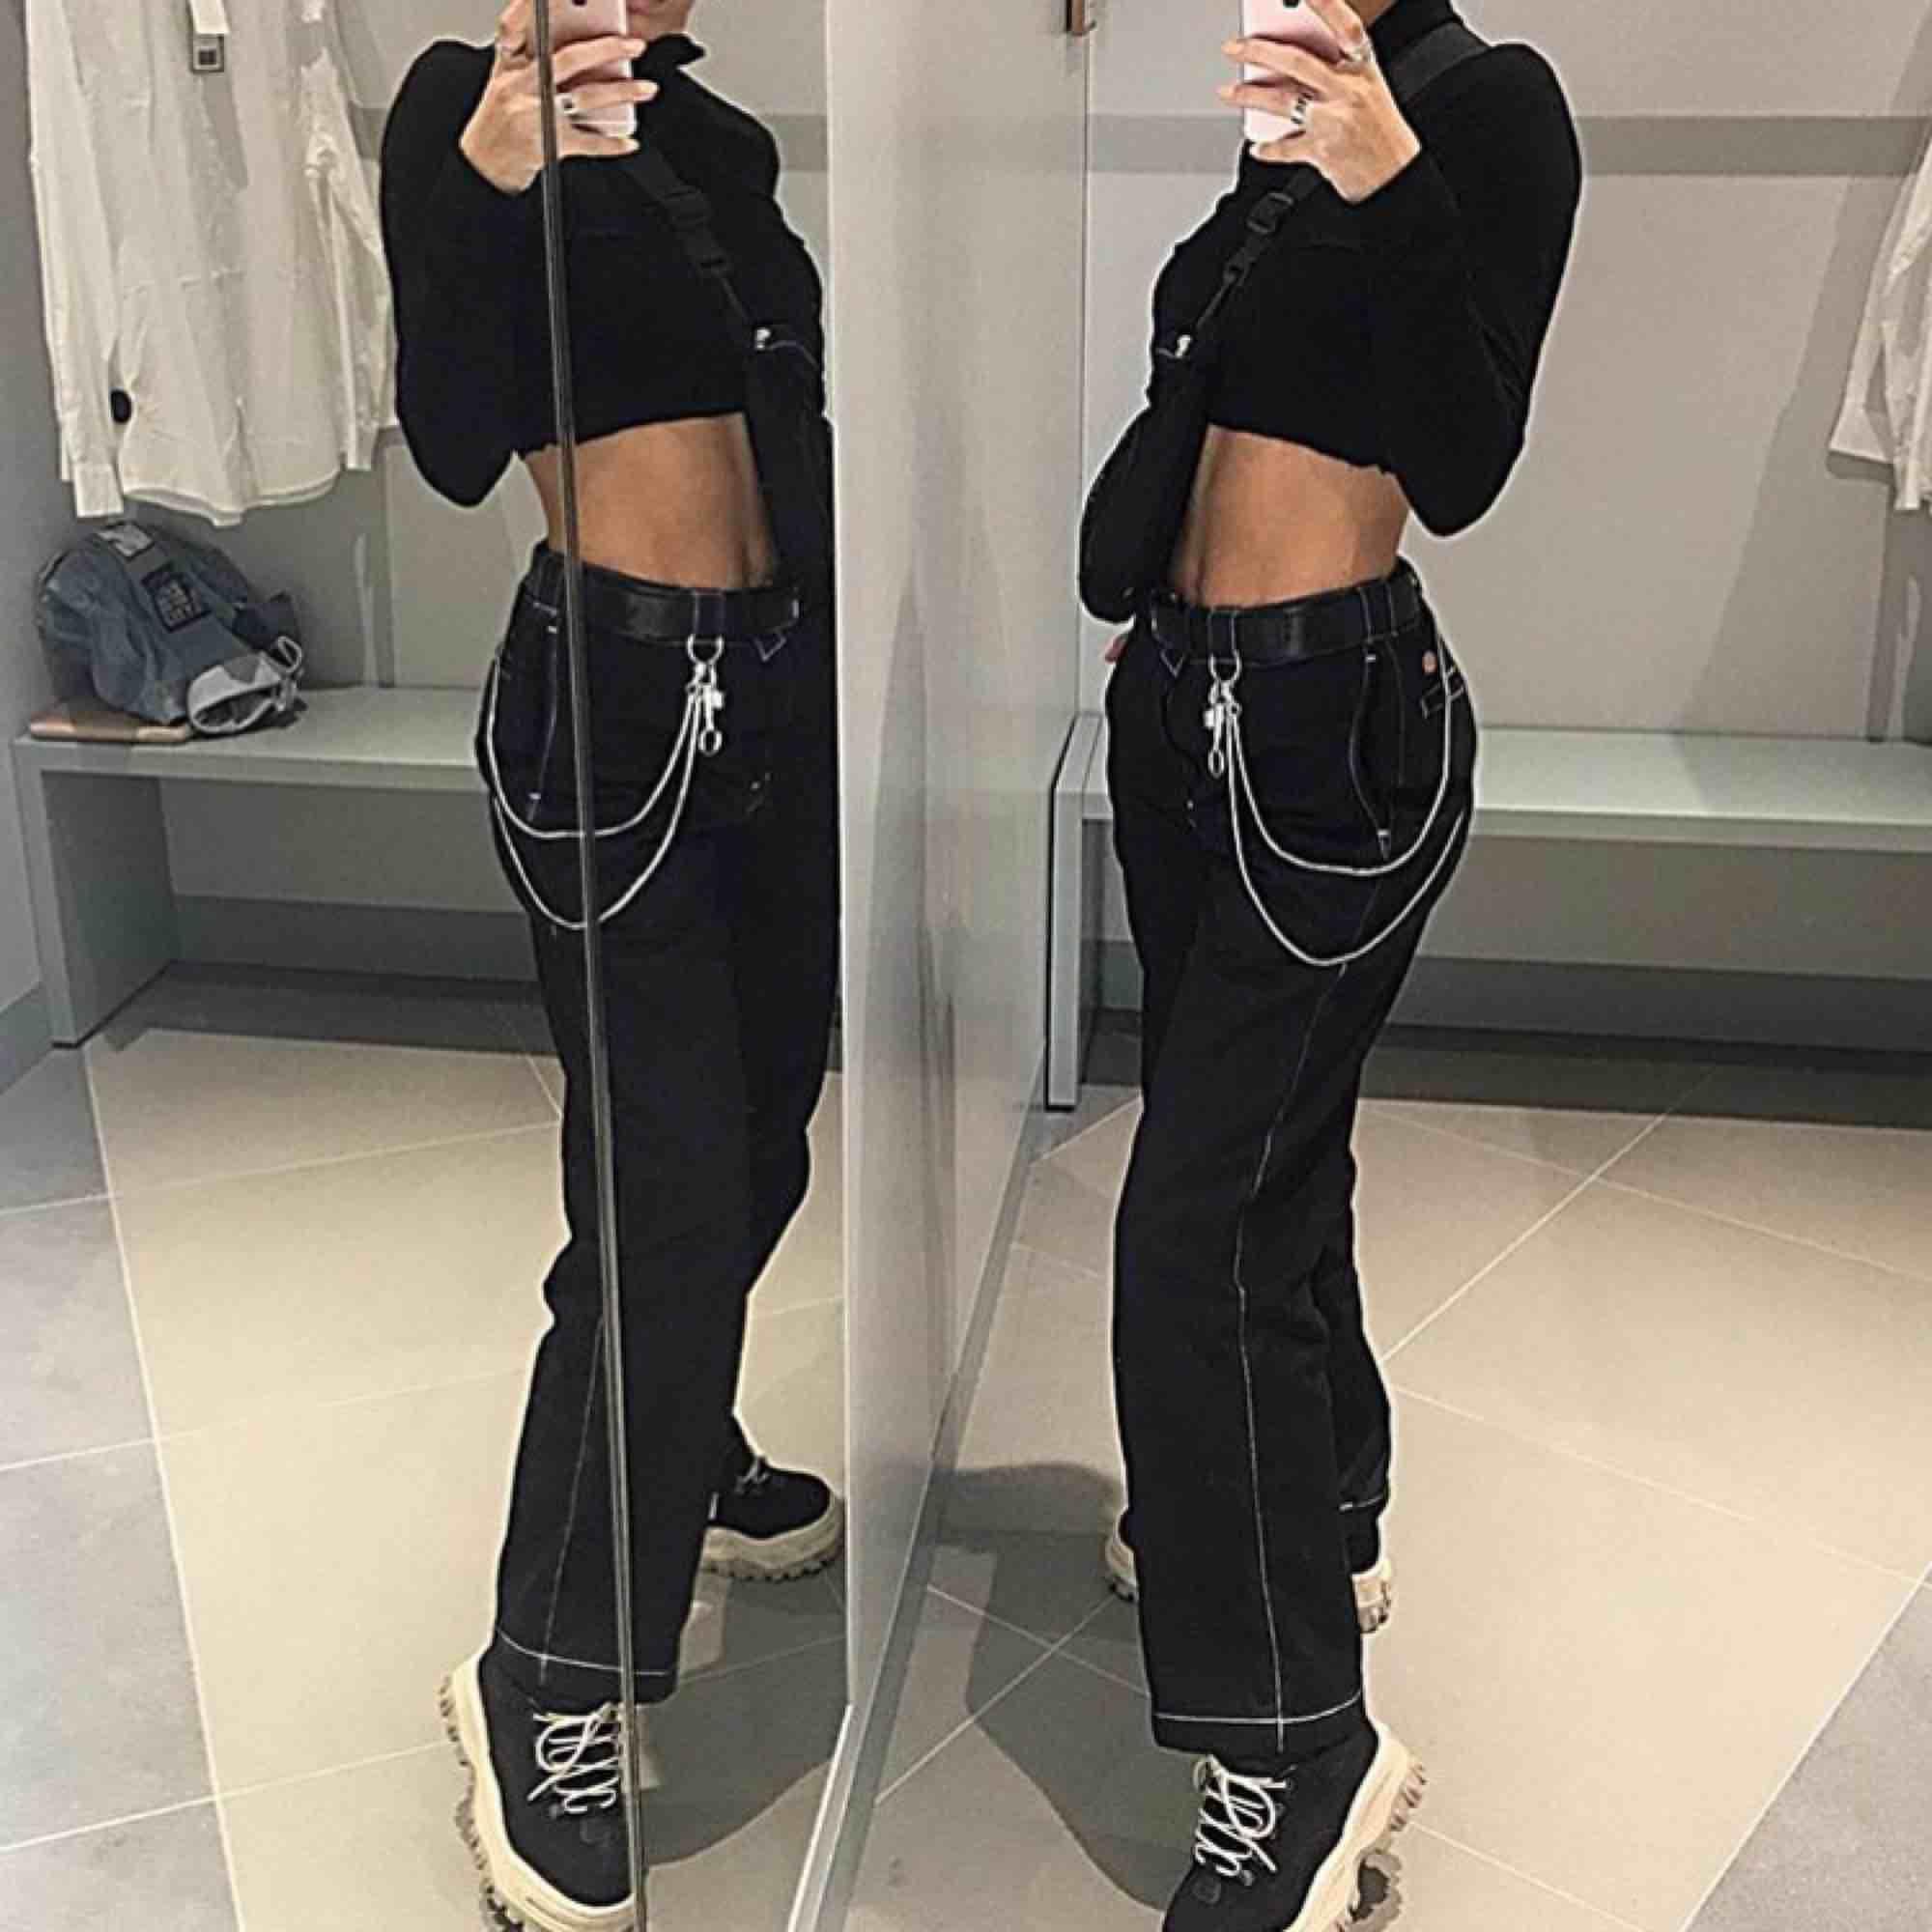 Säljer mina älskade Dickies då jag börjar inse att de är alldeles för stora för mig tyvärr😭🥀 Perfekt skick utan något slitage! Unisex straight leg modell med vita sömmar🔥🥀 Passa på och köp!!. Jeans & Byxor.